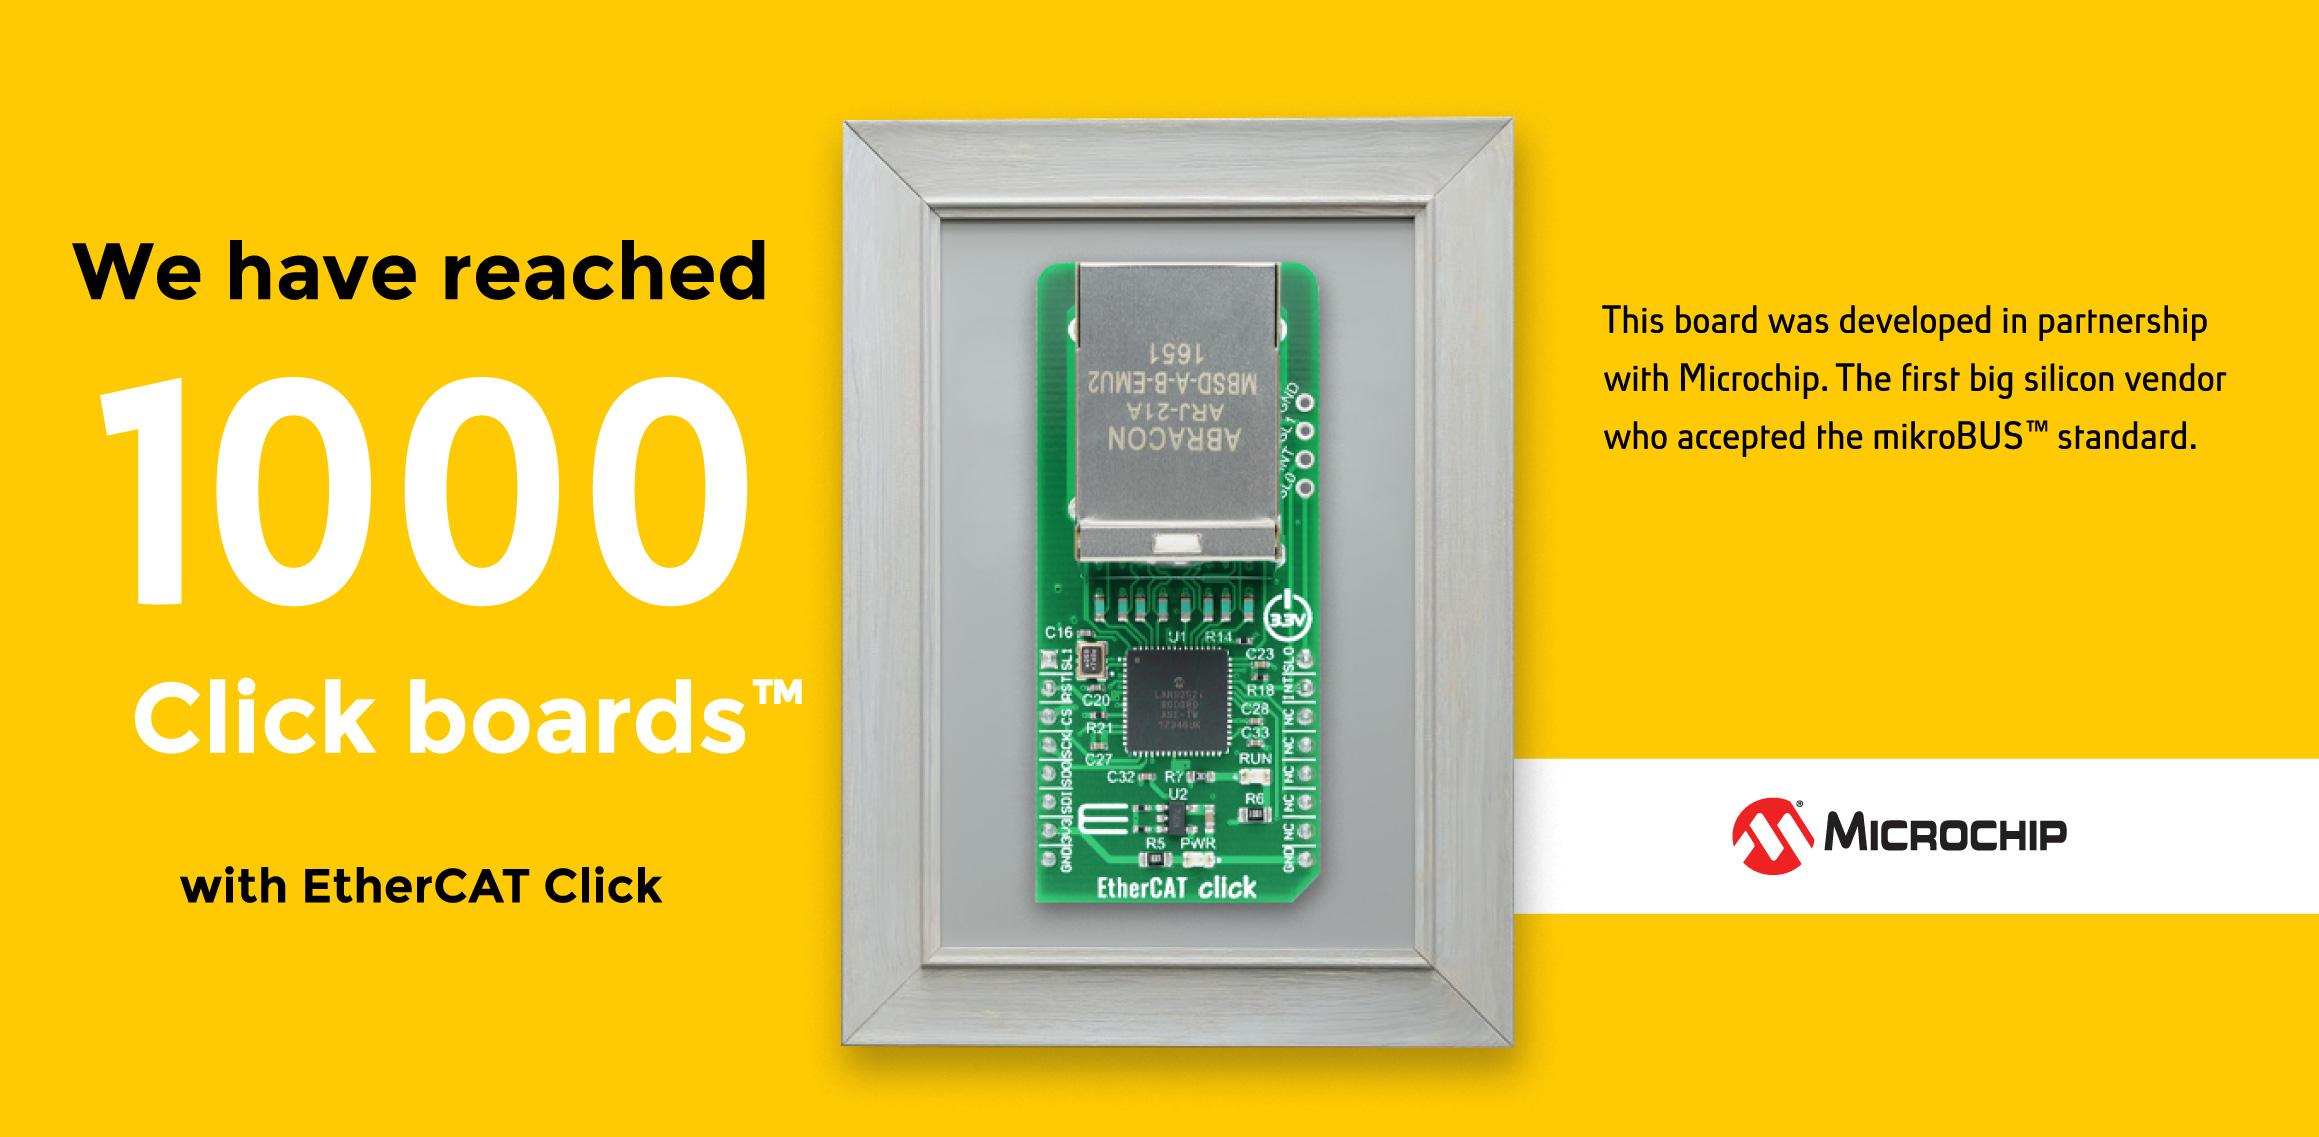 1000 click boards